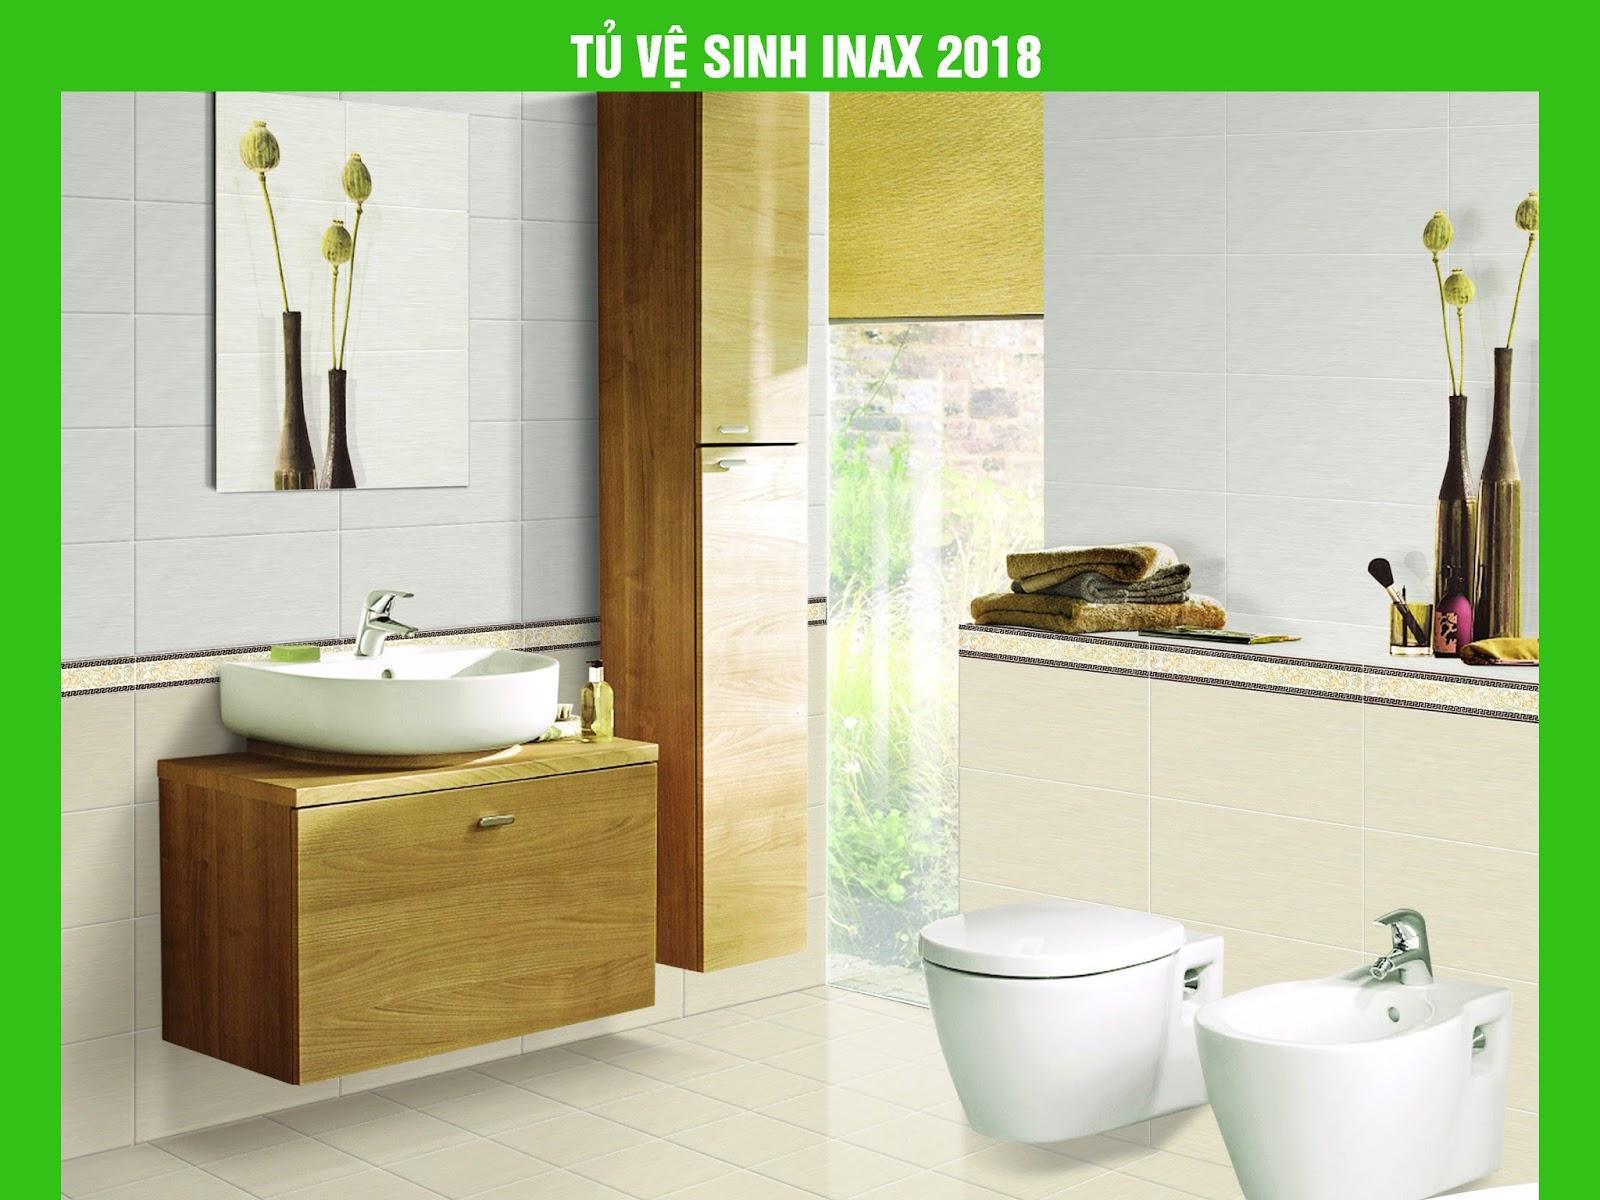 Tủ nhà vệ sinh thiết bị vệ sinh Inax 2018